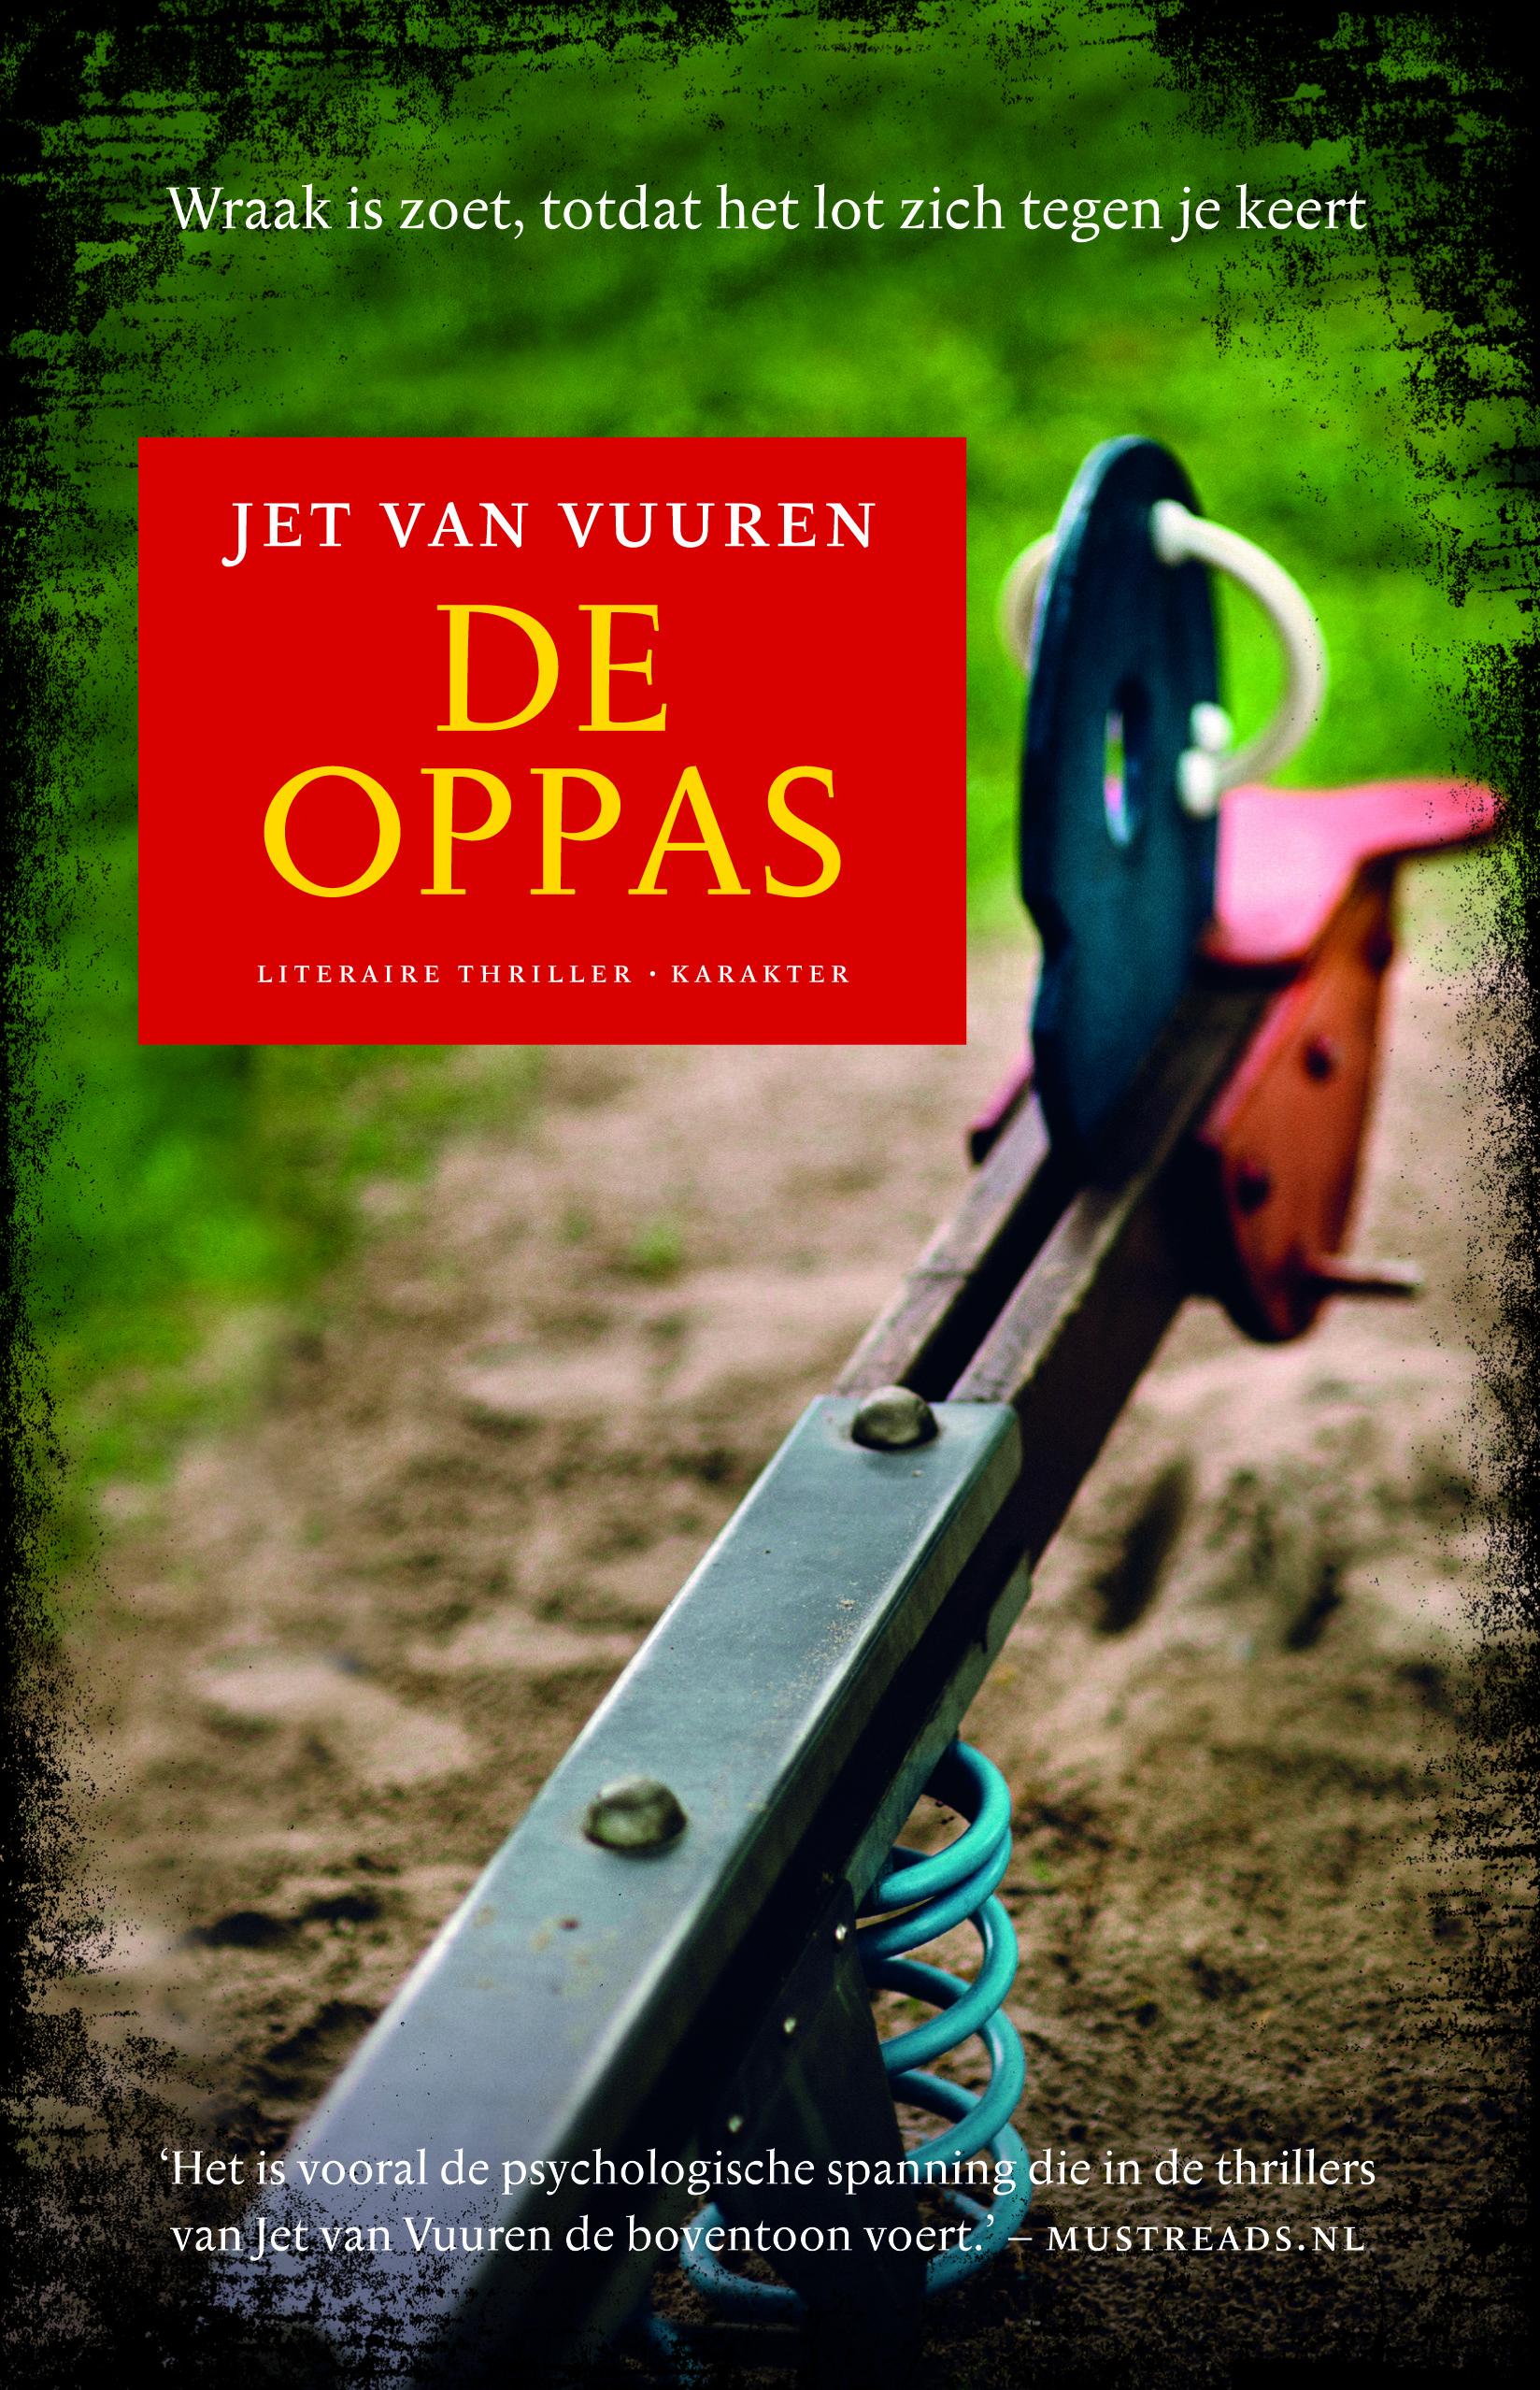 De oppas - boekrecensie